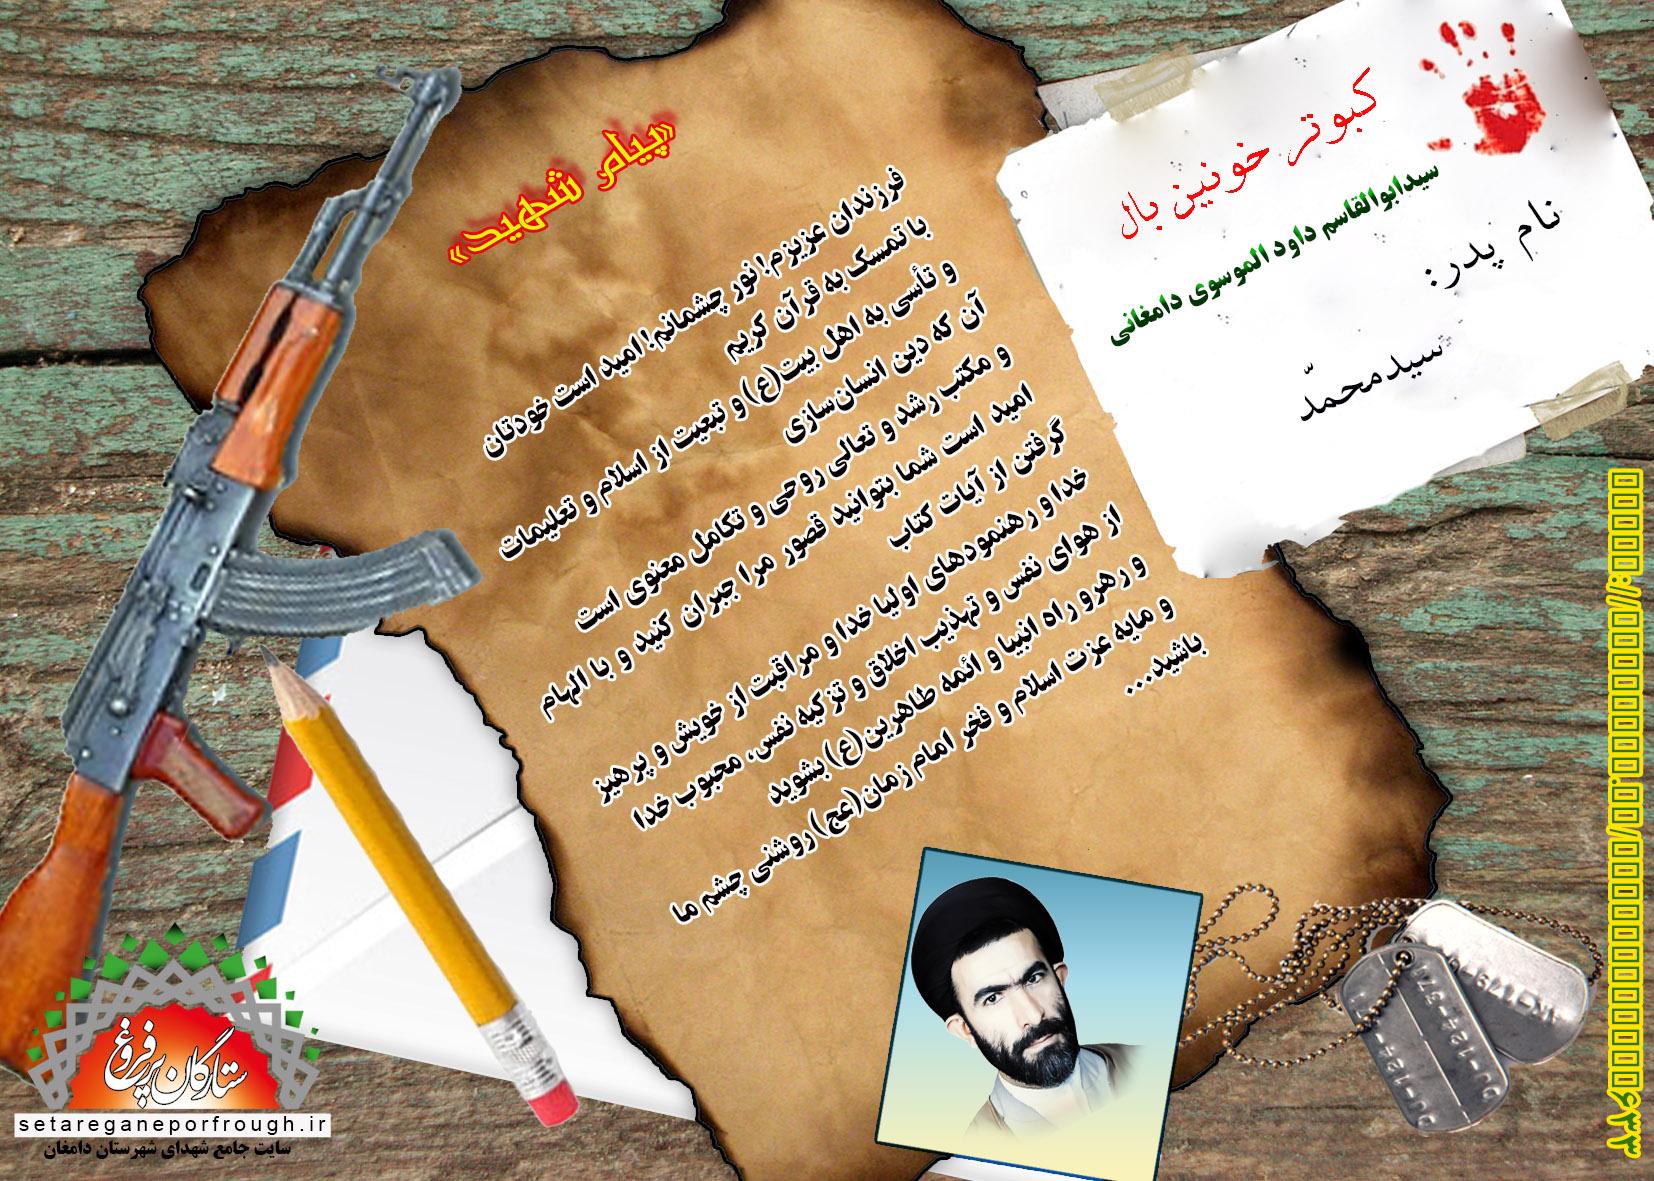 پیام و گزیده ای از وصیت نامه شهید سیدابوالقاسم داودالموسوی دامغانی